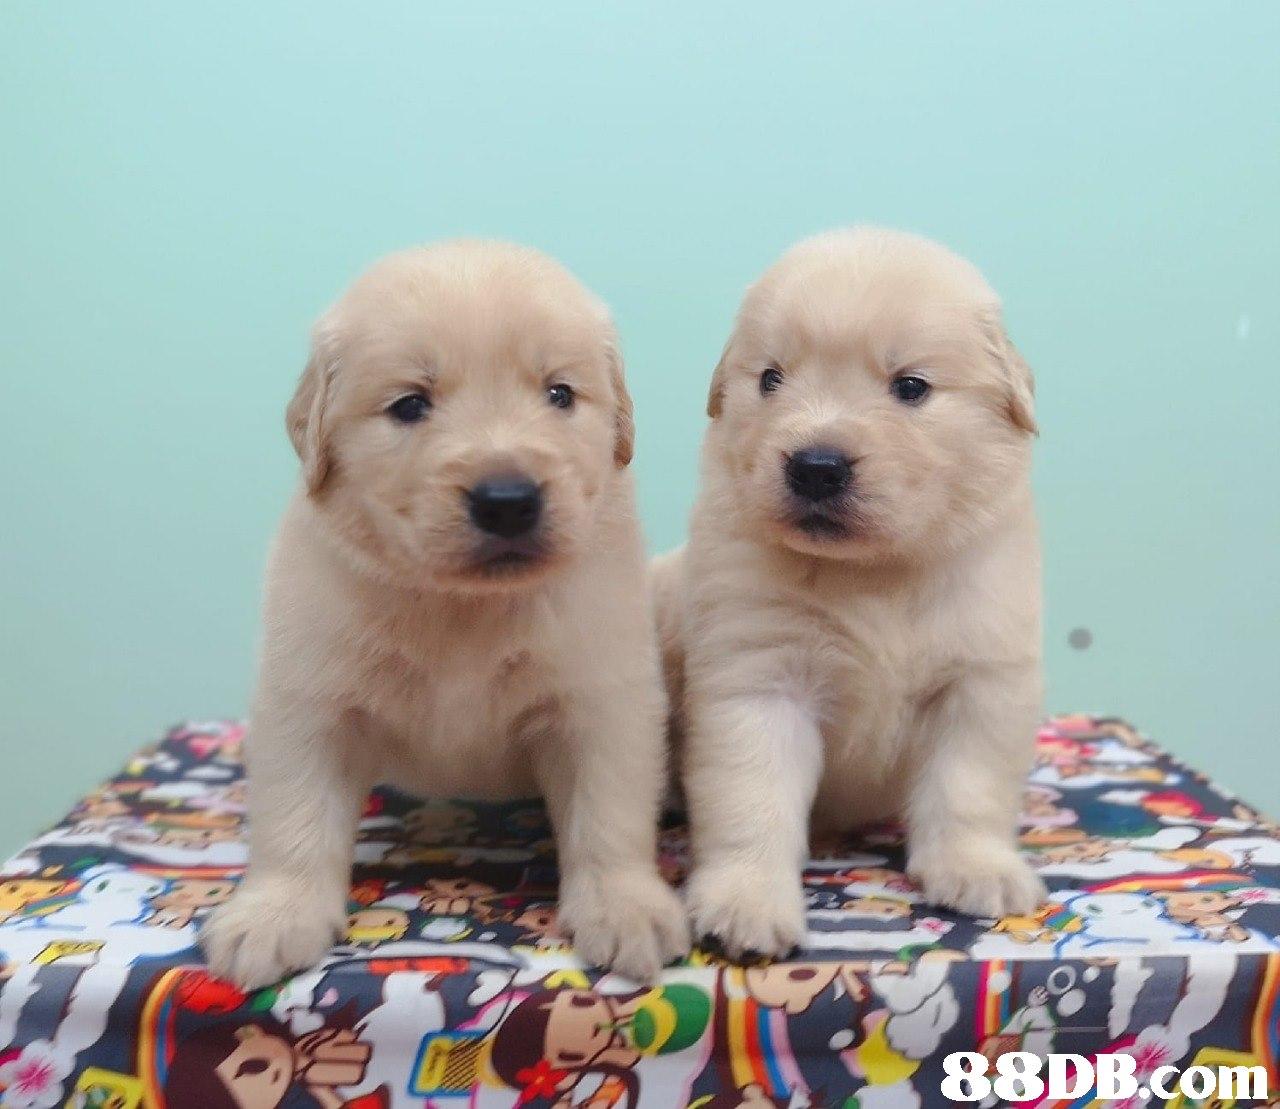 88DB.Com  dog,dog like mammal,retriever,golden retriever,dog breed